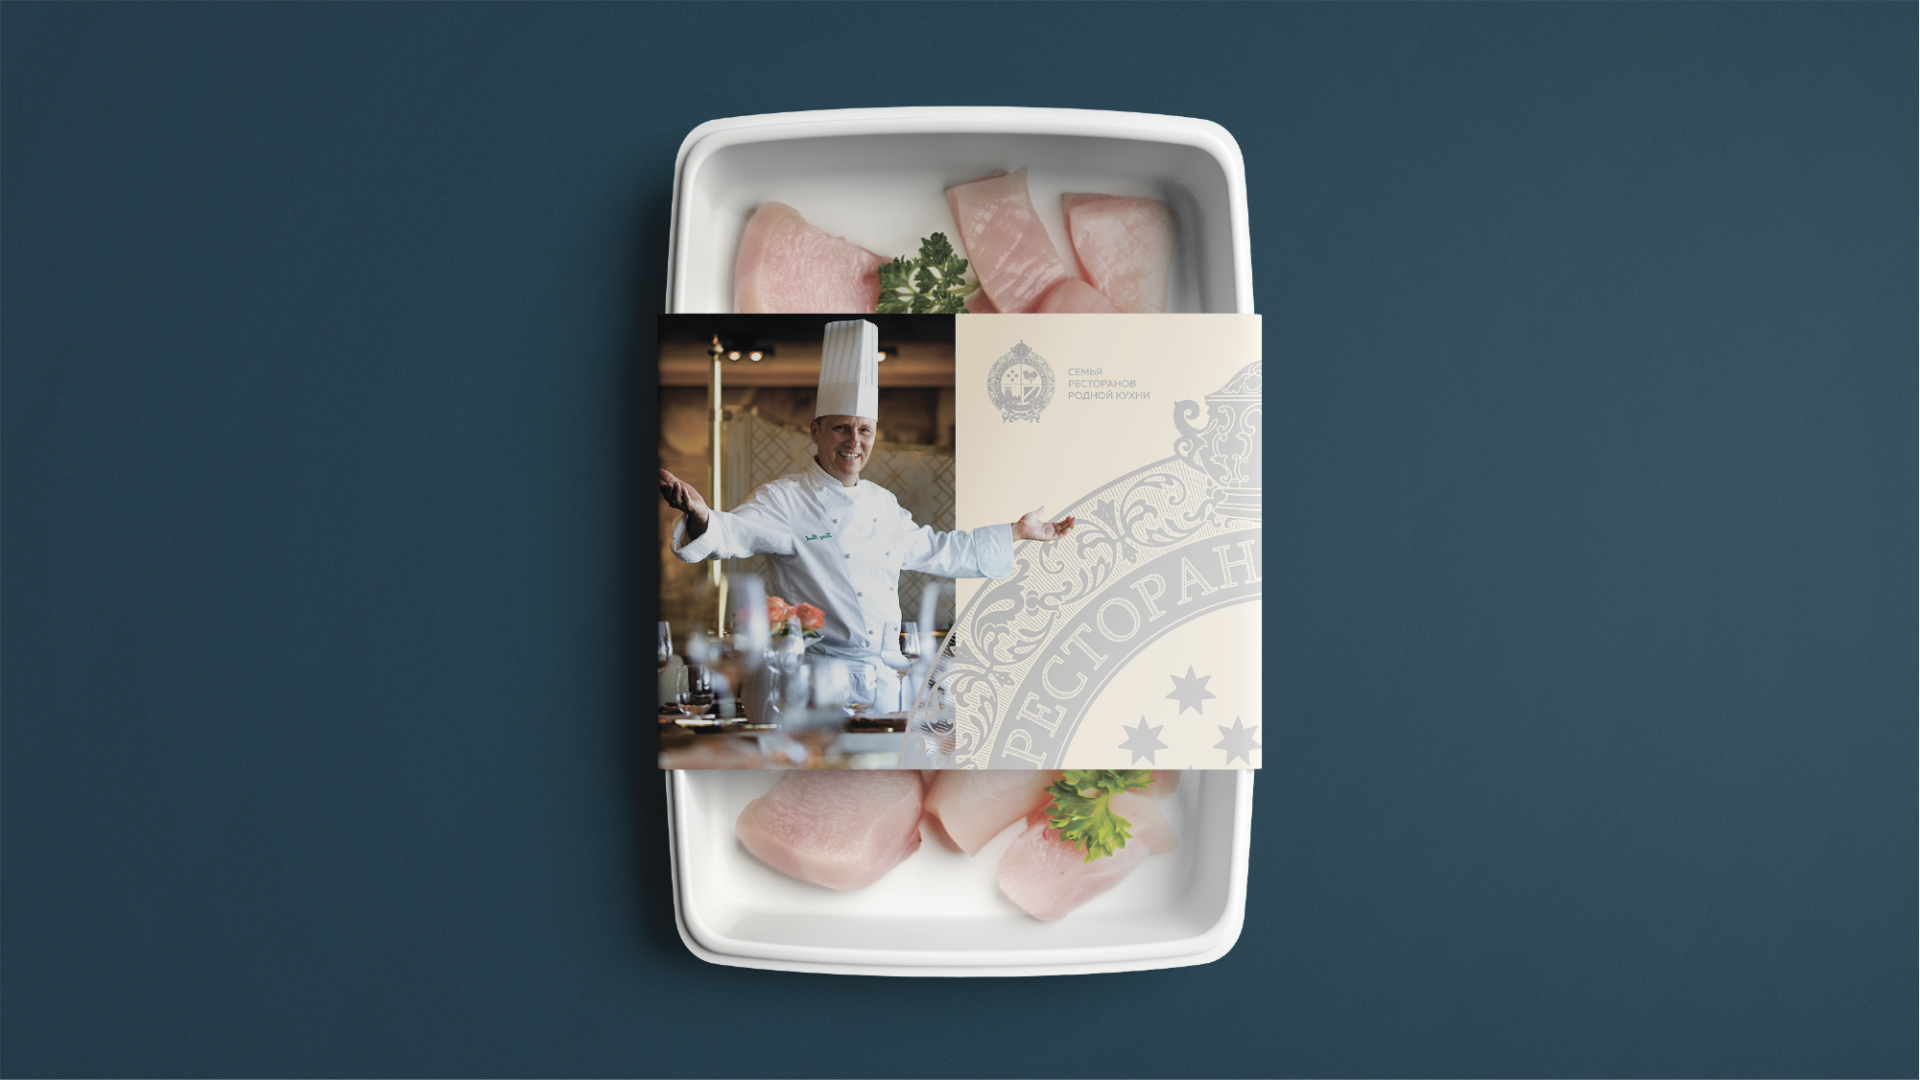 Семья ресторанов Родной кухни - HMS Brands - кейсы, брендинг - упаковка